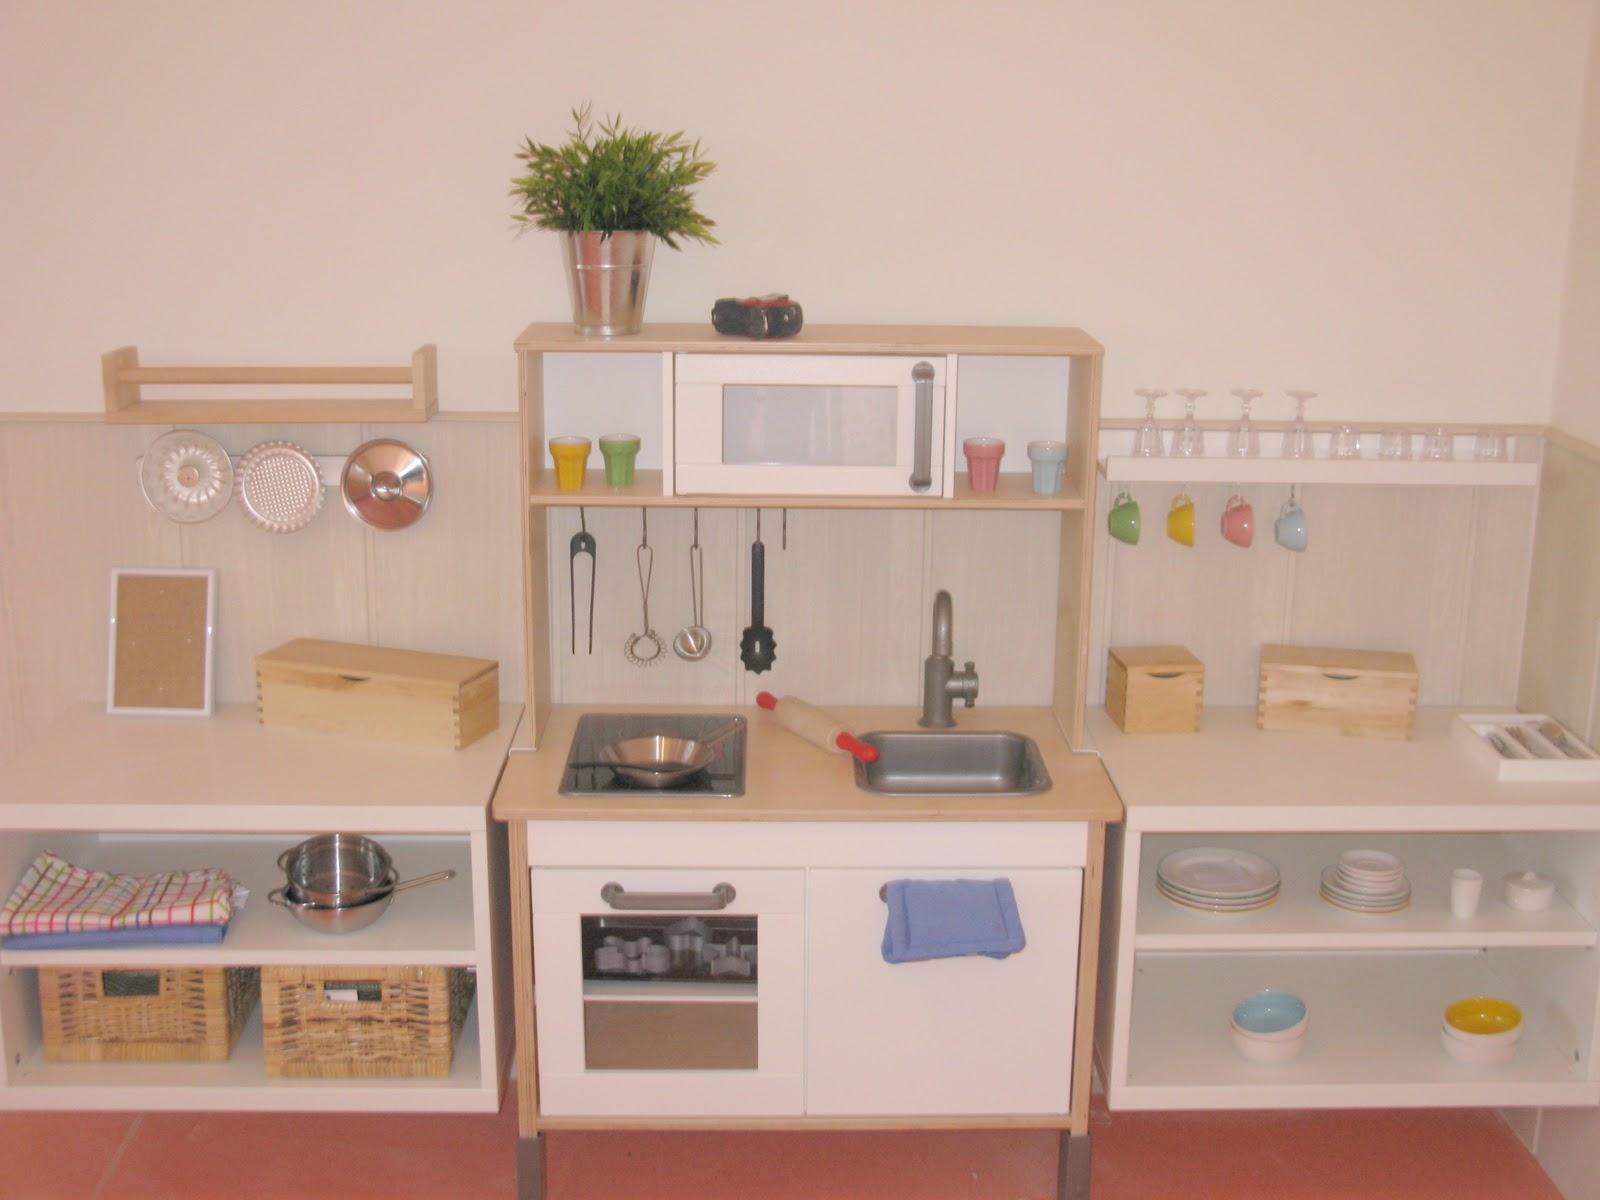 LxxL: Cozinha de Brincar com móveis do Ikea #9C332F 1600 1200